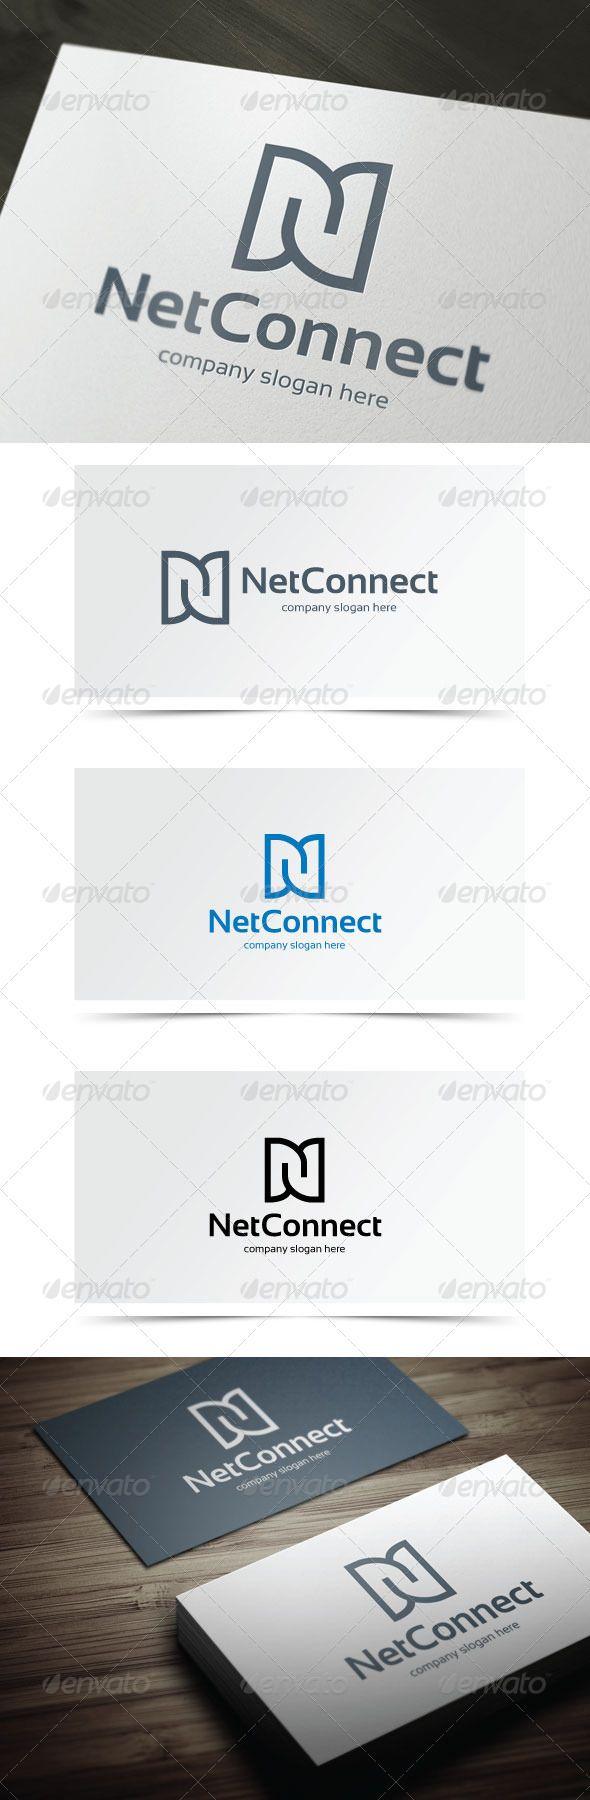 Net Connect Logo templates, Vector logo, Logo design